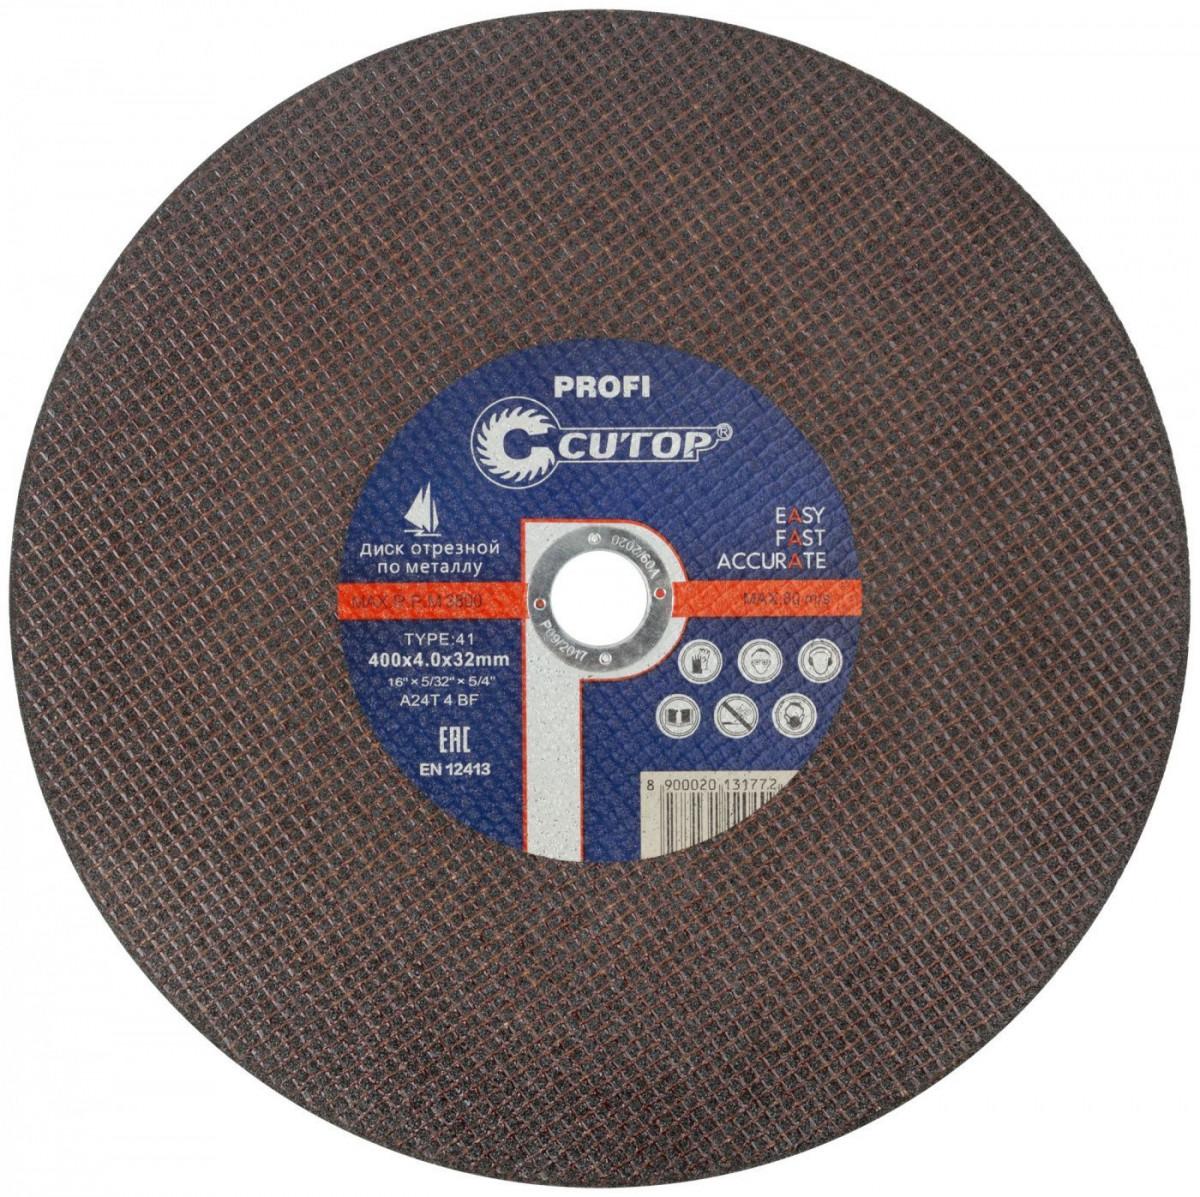 Профессиональный диск отрезной по металлу Т41-400 х 4,0 х 32 (5/25), Cutop Profi